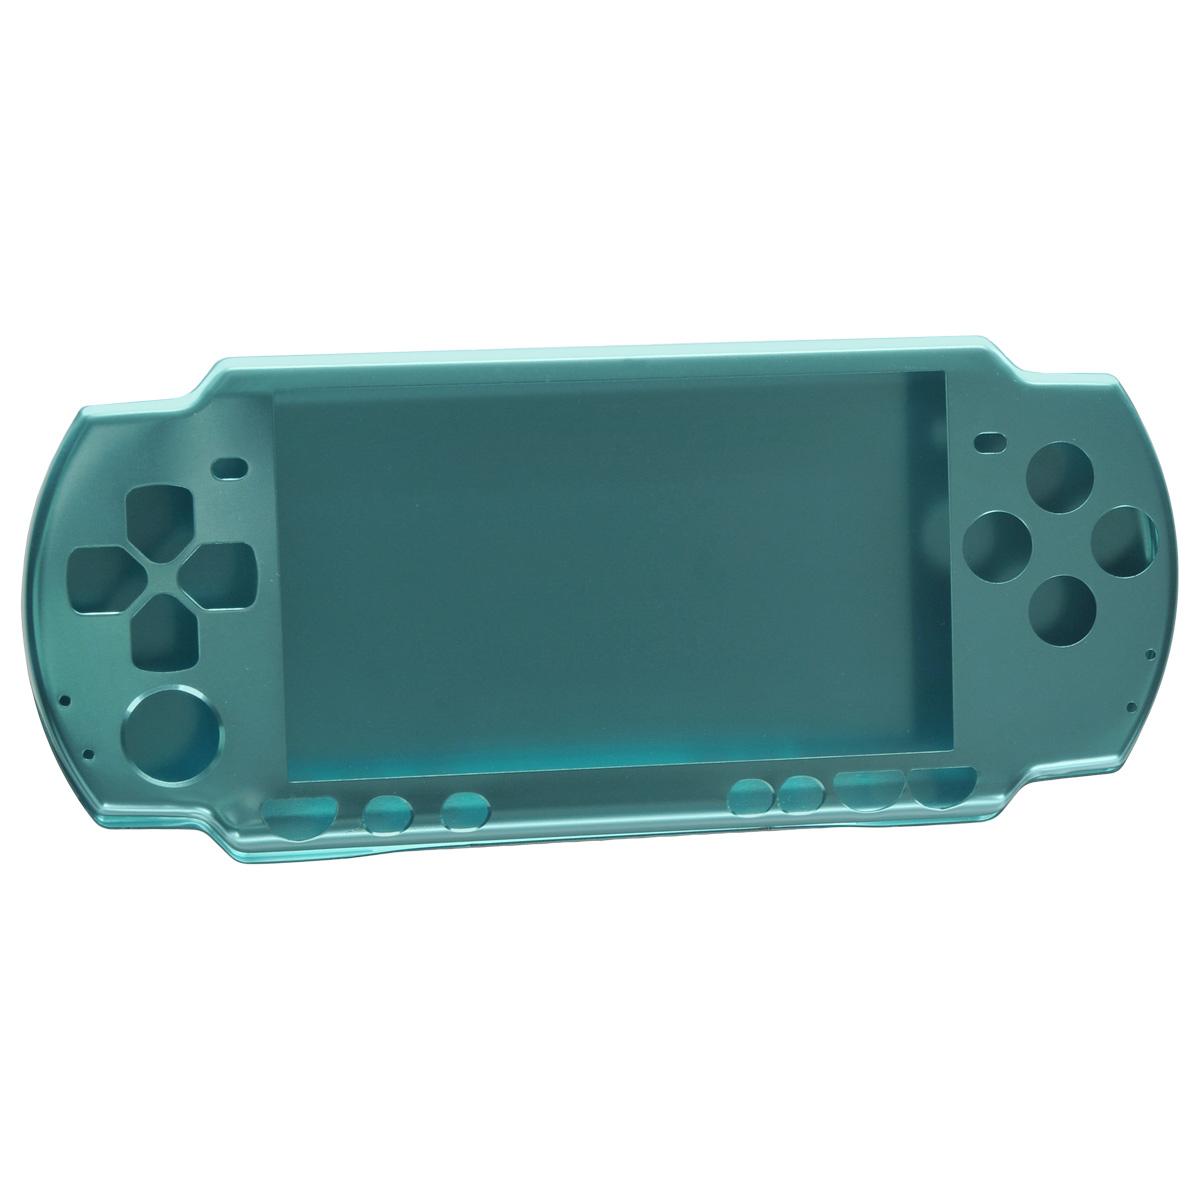 Алюминиевый защитный корпус Game Guru для Sony PSP 2000/3000 (голубой) replacement button keypad flex cable set for psp 2000